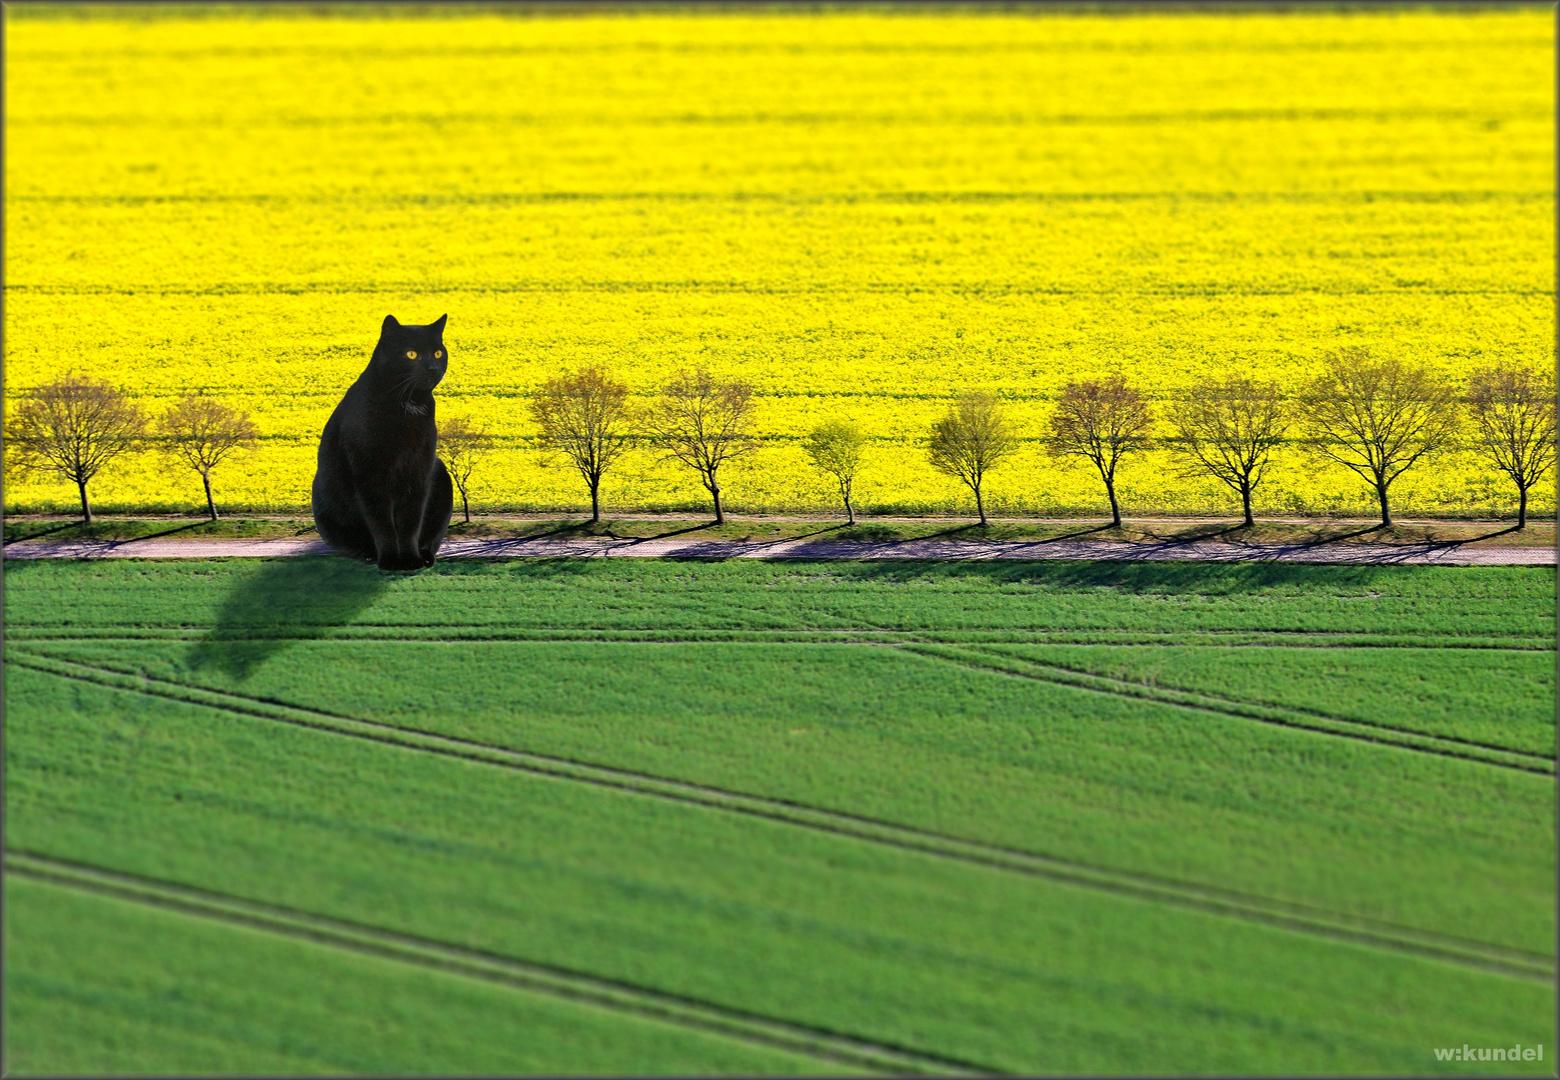 Großkatzenfotografie